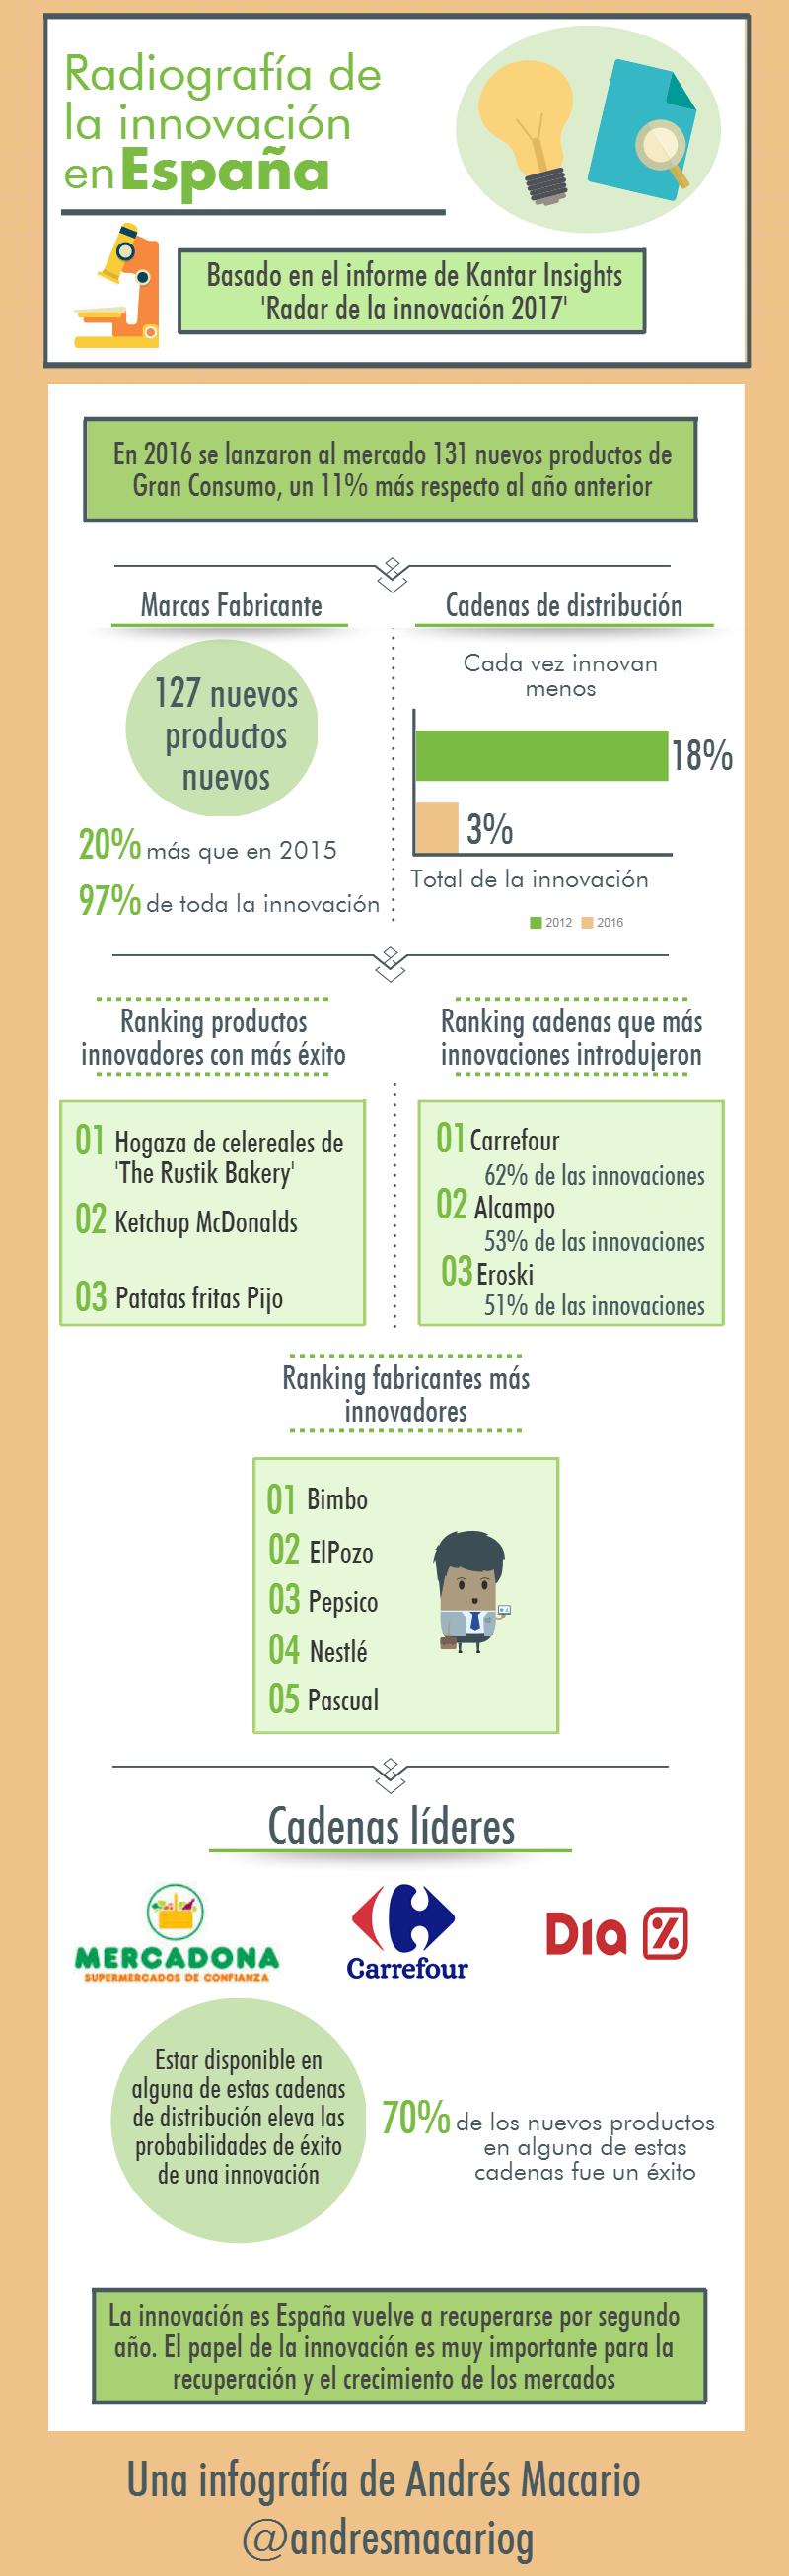 Radiografía de la innovación en España- Infografía Andrés Macario